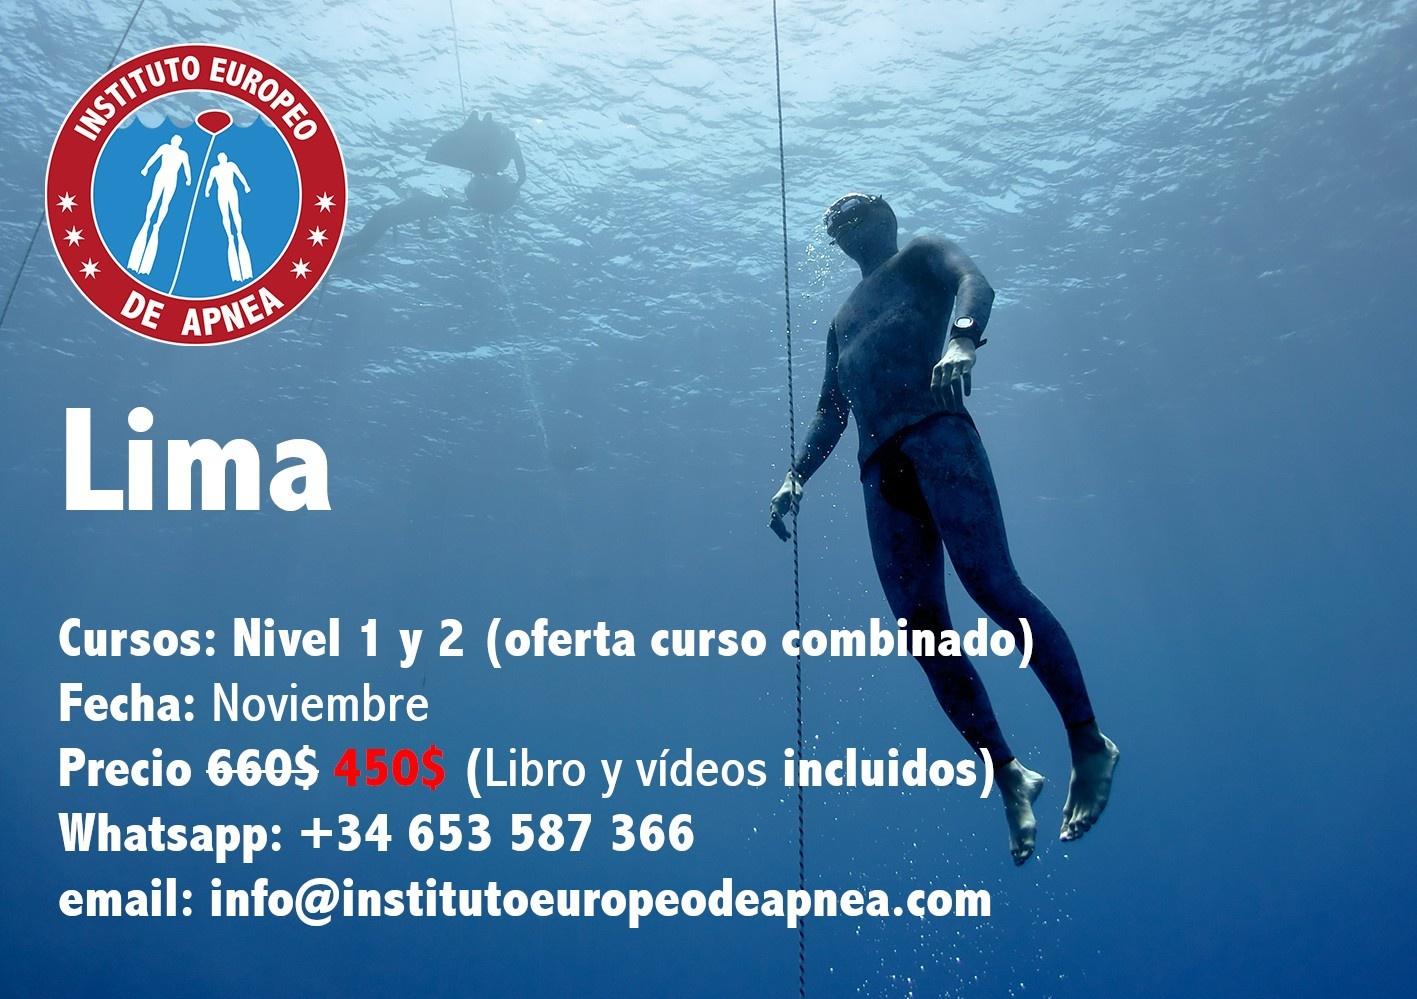 Curso de apnea en Lima - Perú